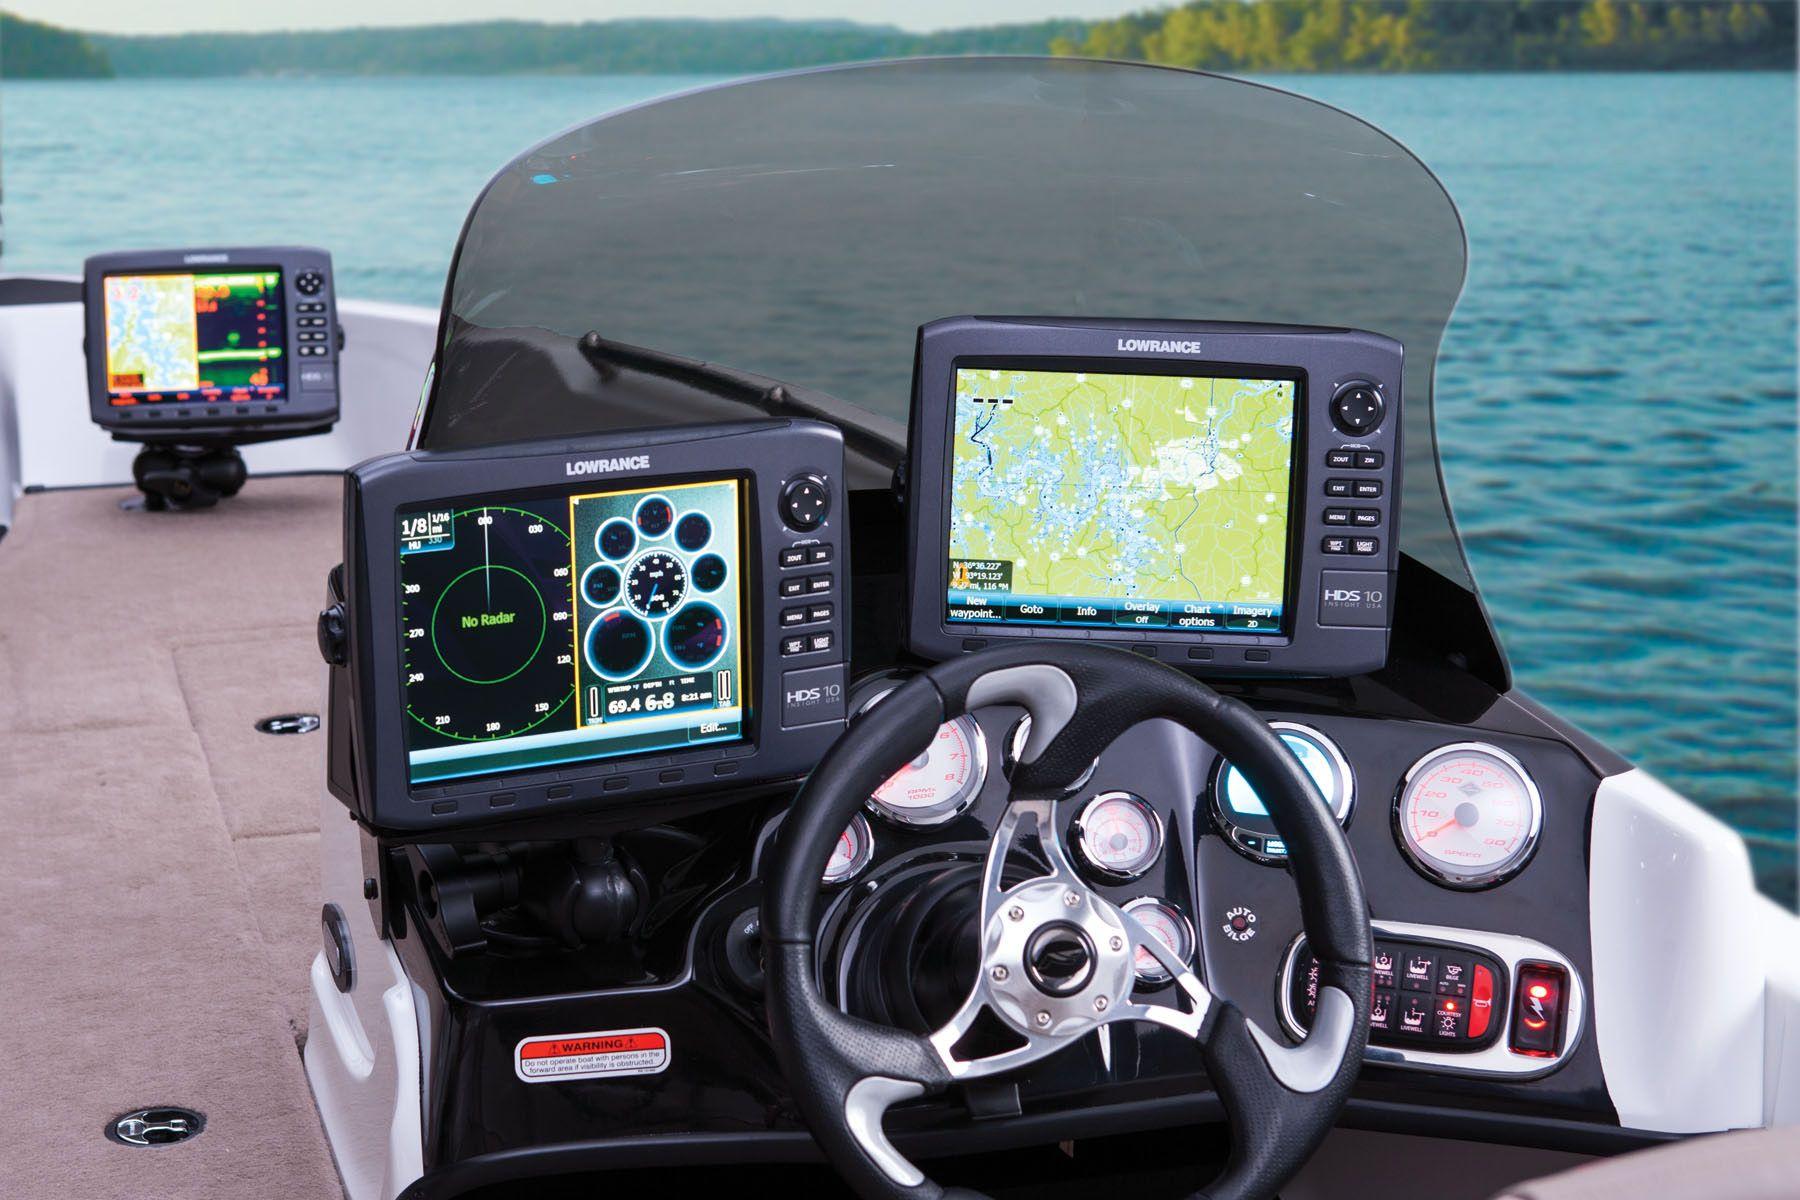 How to make navigation safer